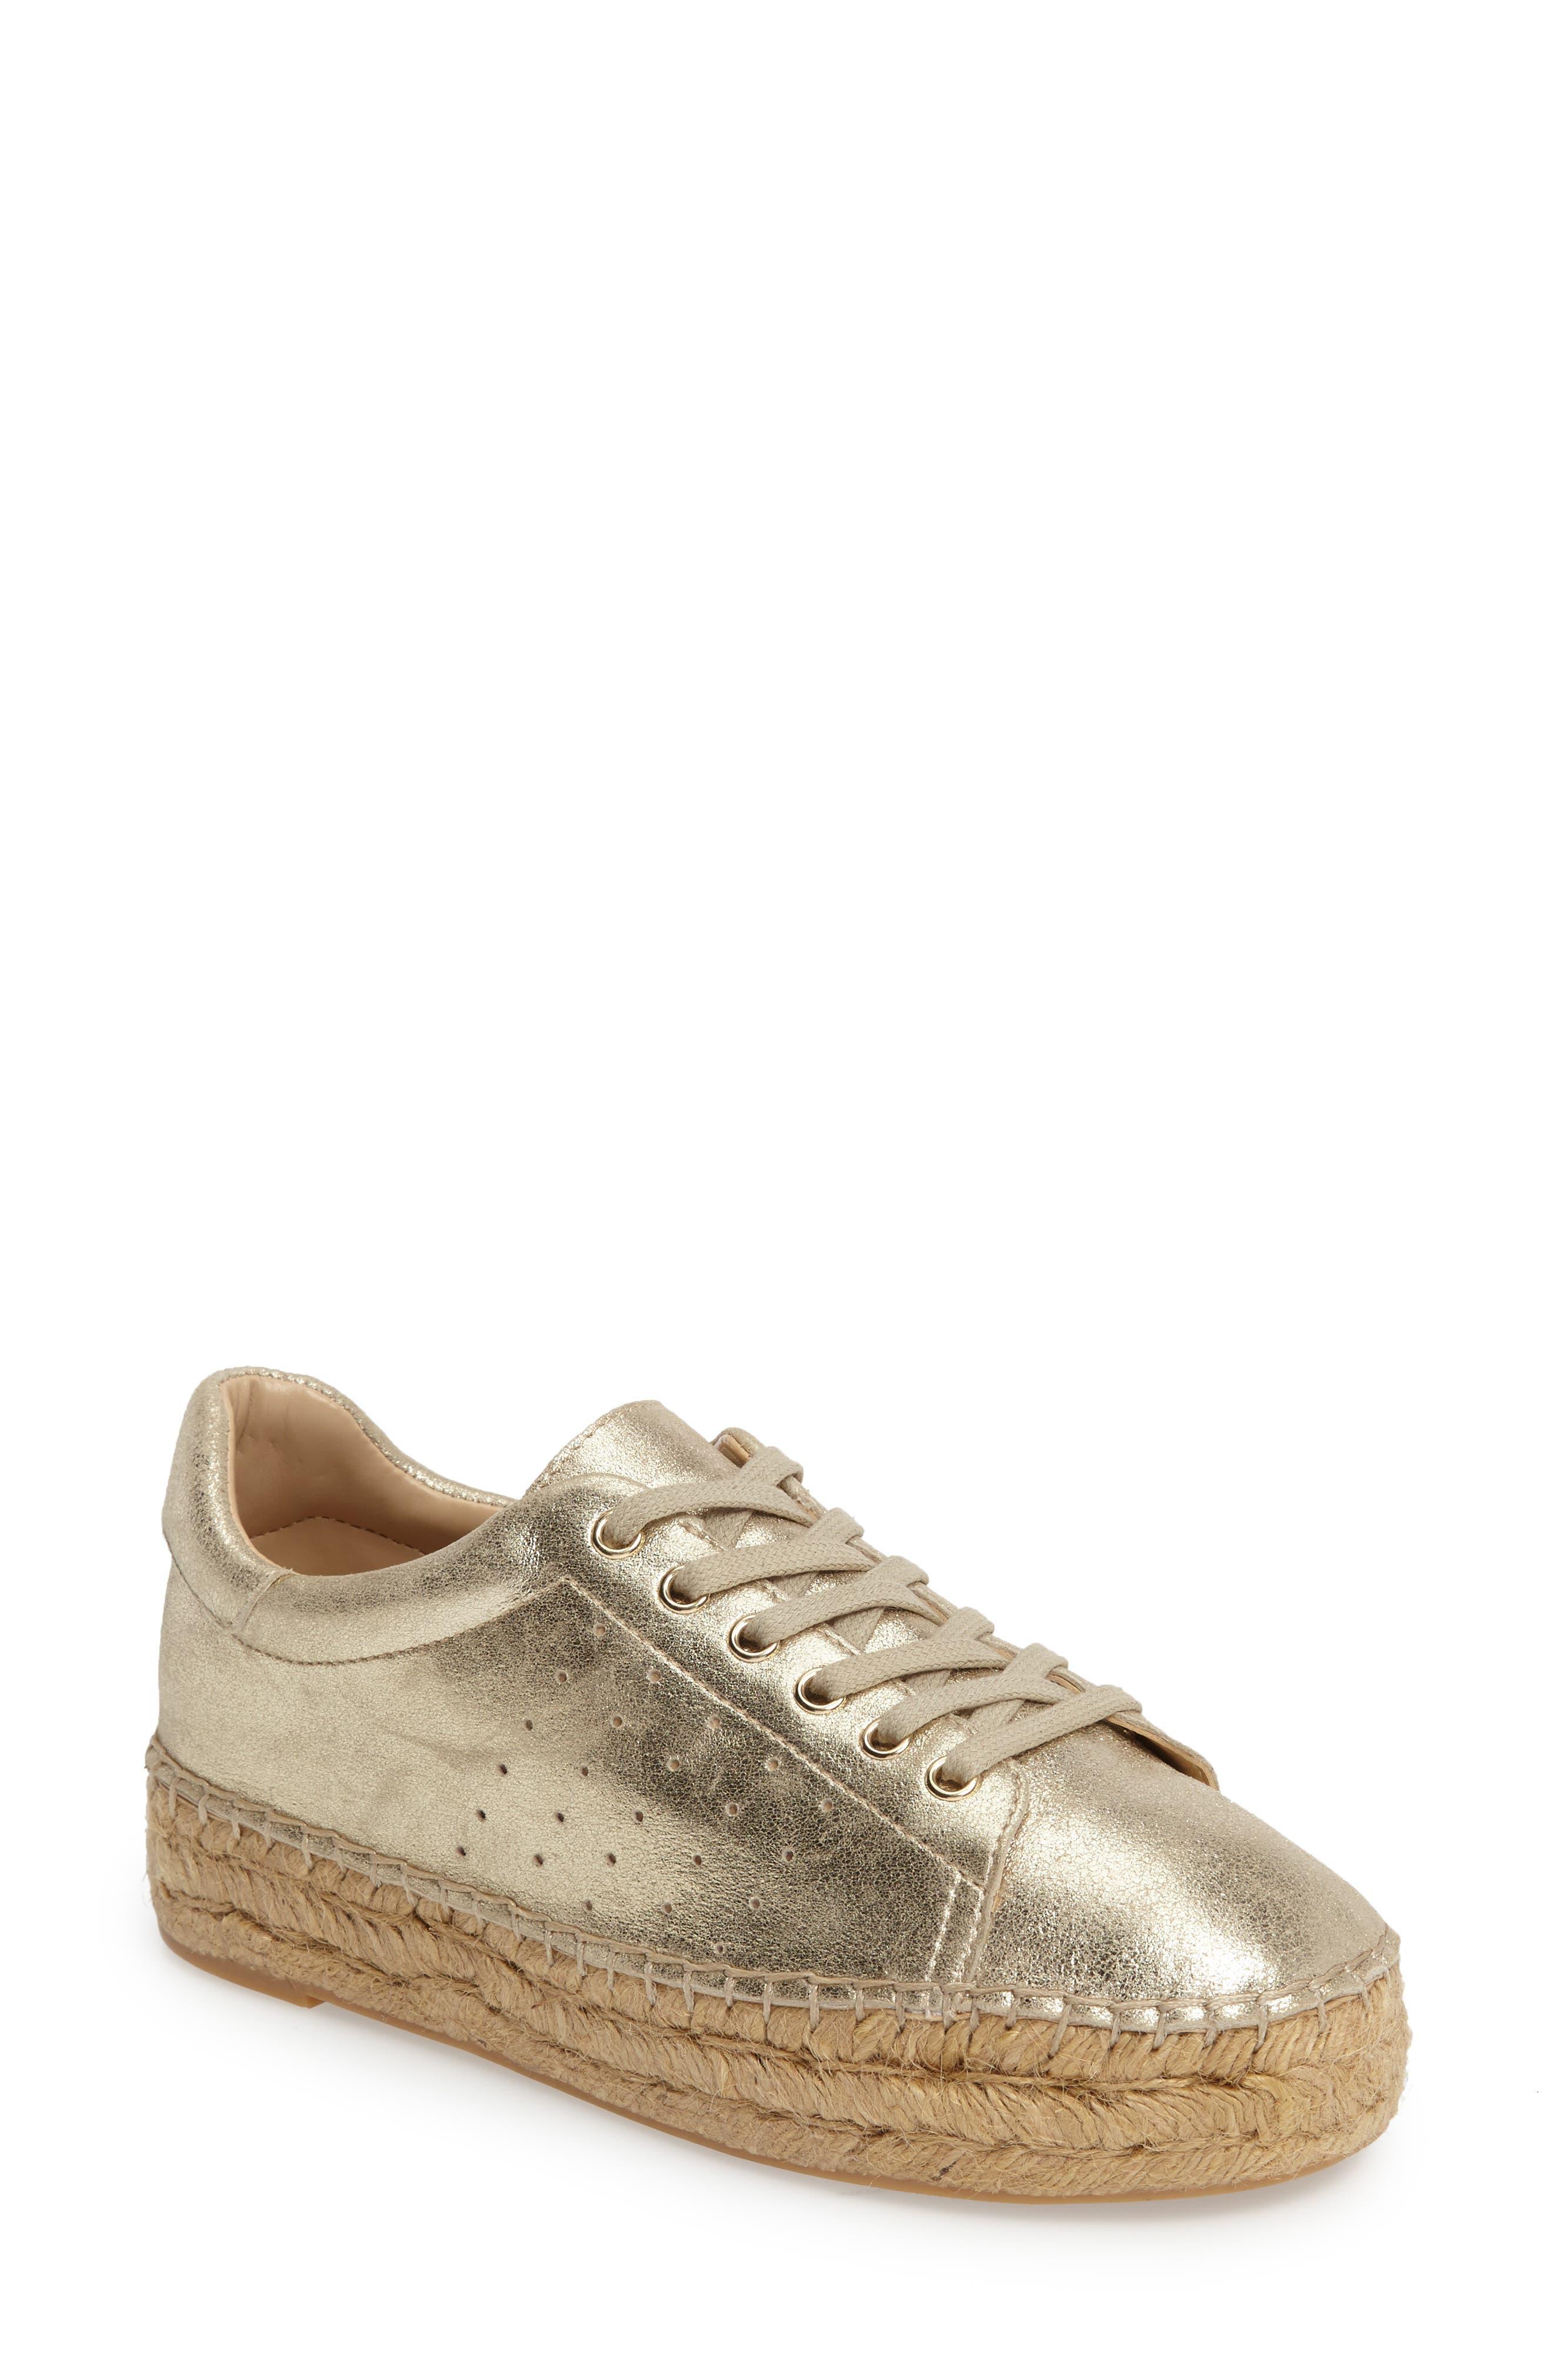 MARC FISHER LTD Mandi Espadrille Sneaker